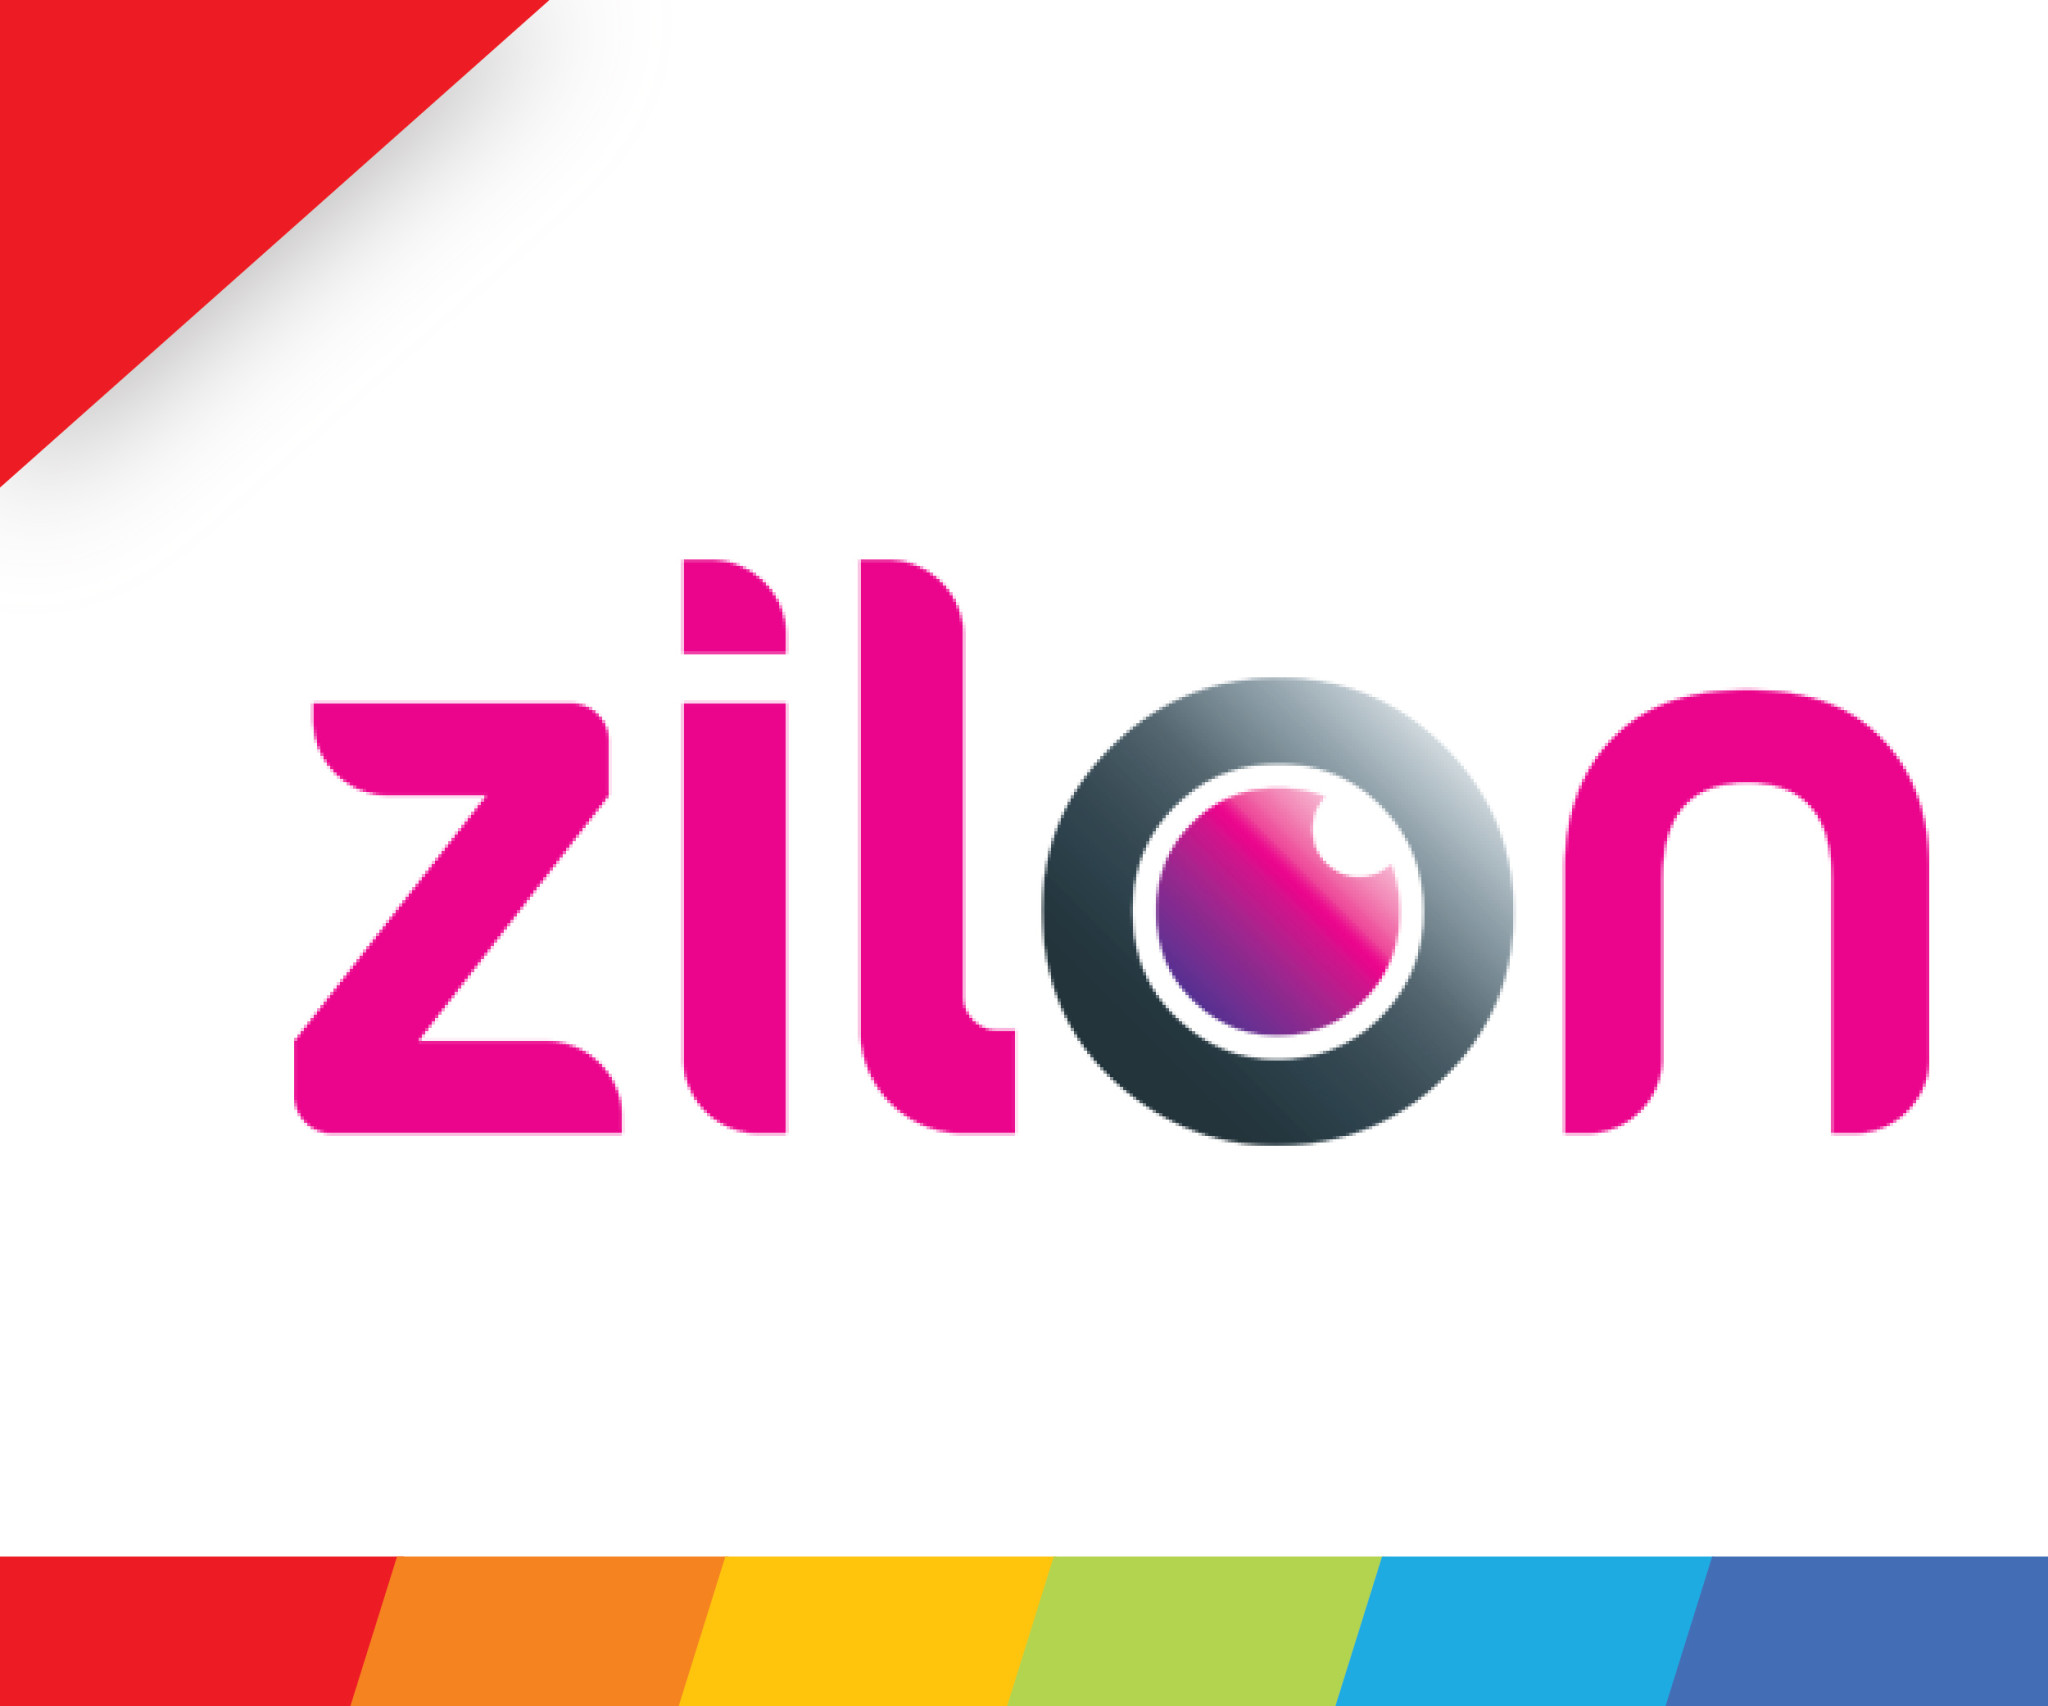 09. Zilon.pl